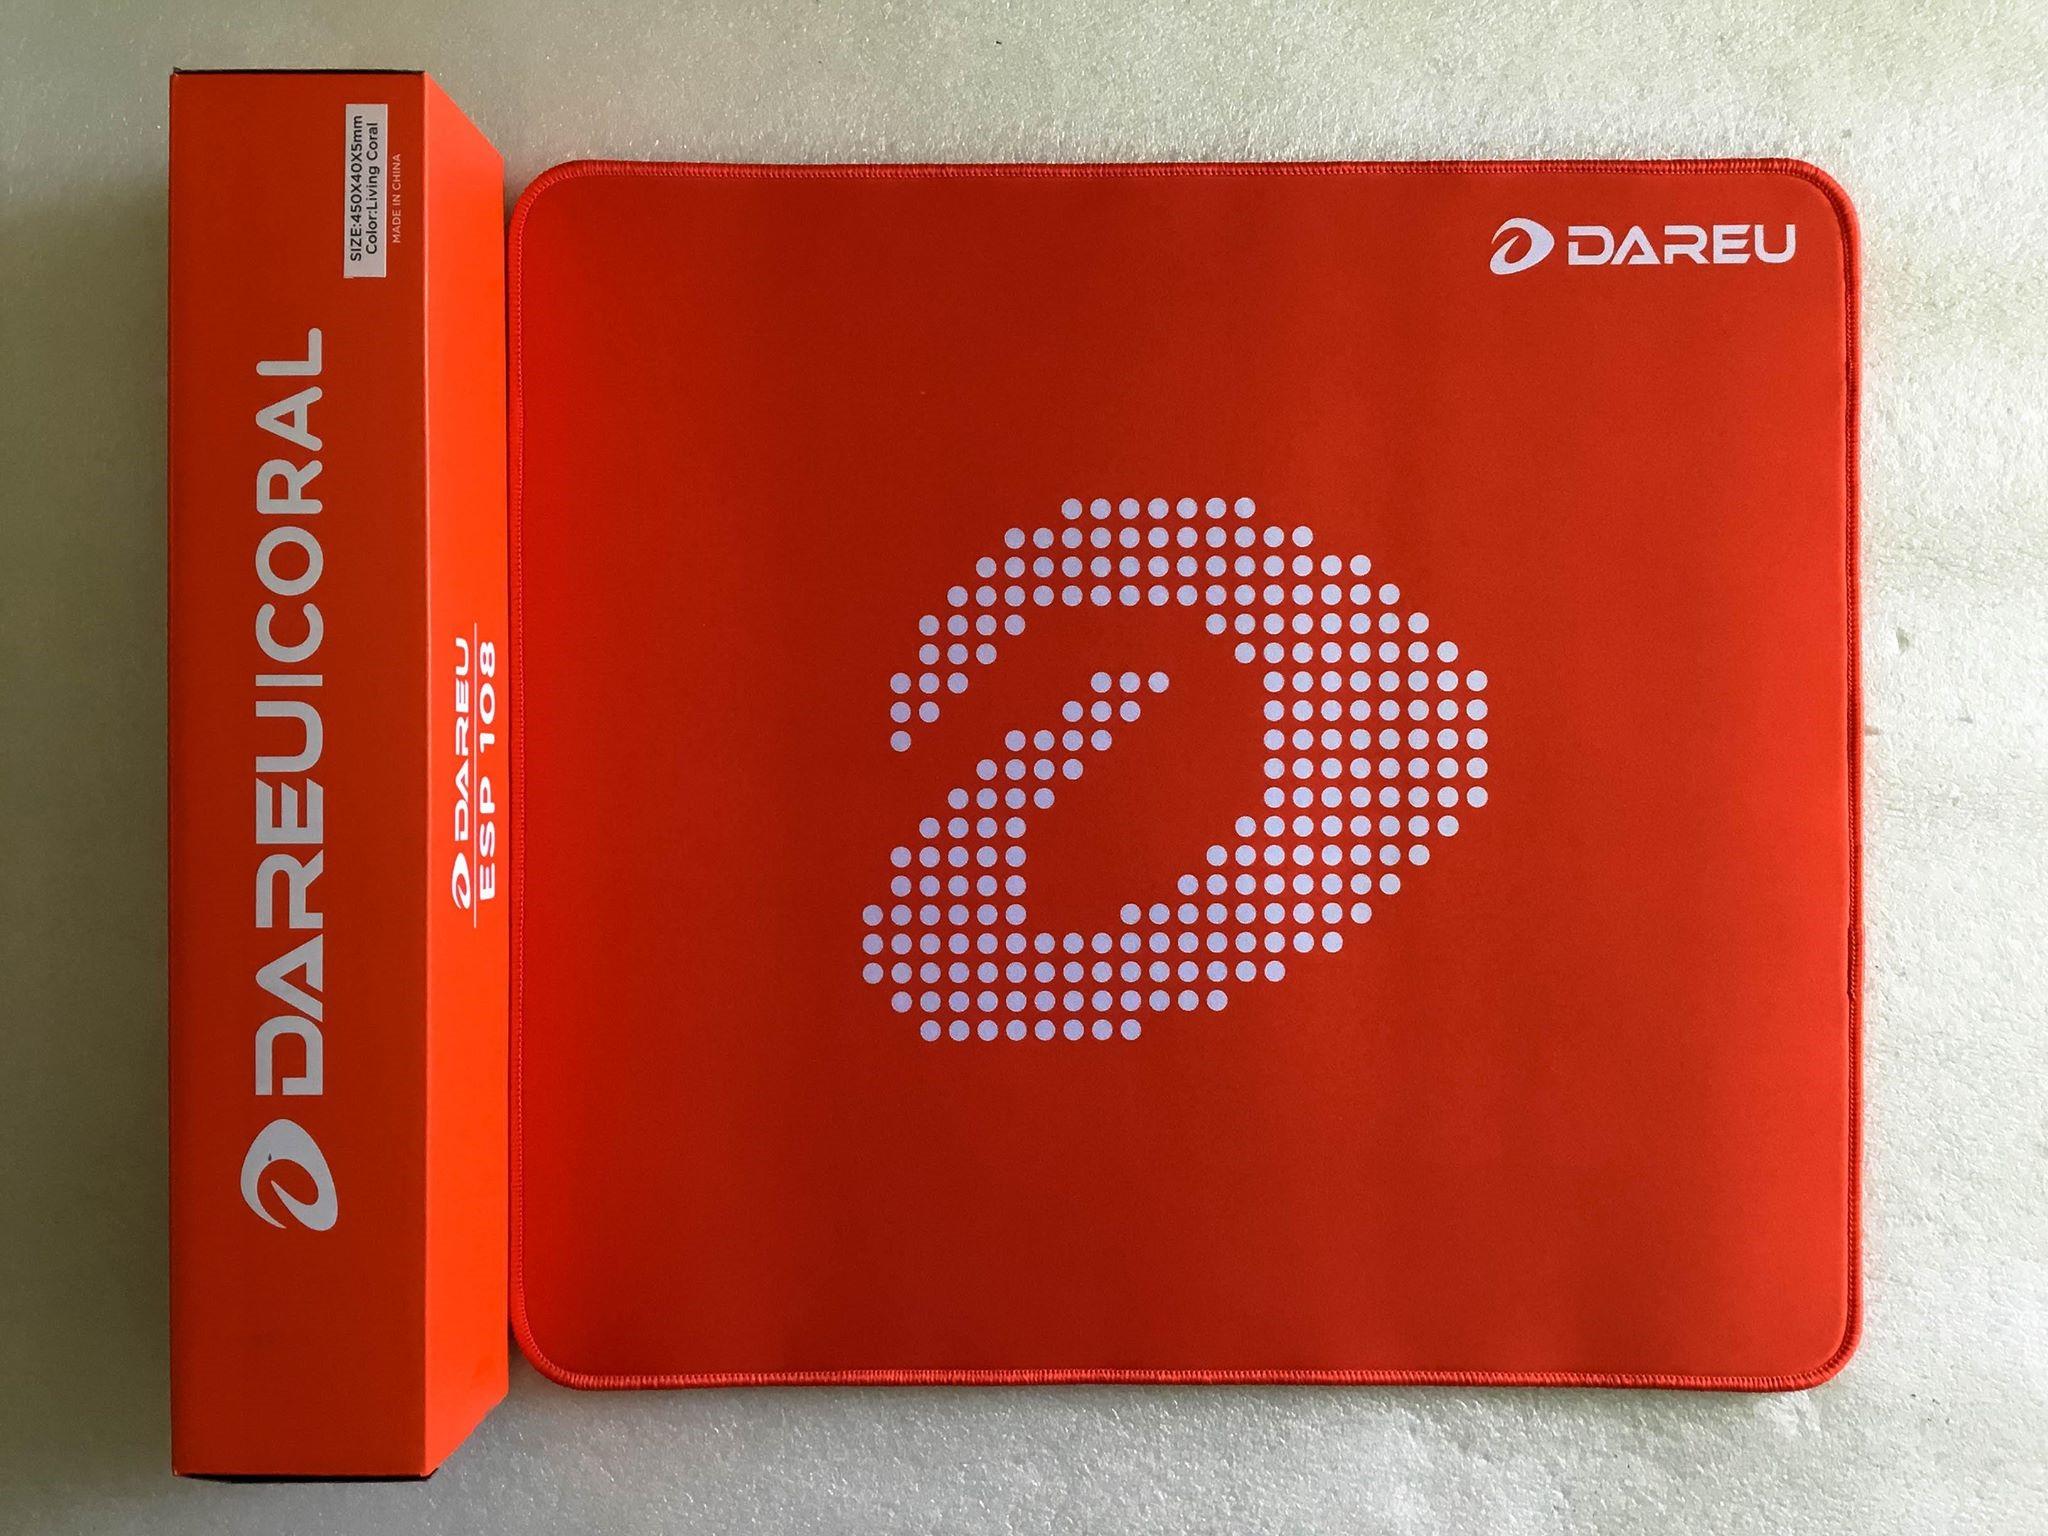 Bàn di chuột DAREU ESP108 CORAL (450 x 400 x 5mm) - Hàng chính hãng